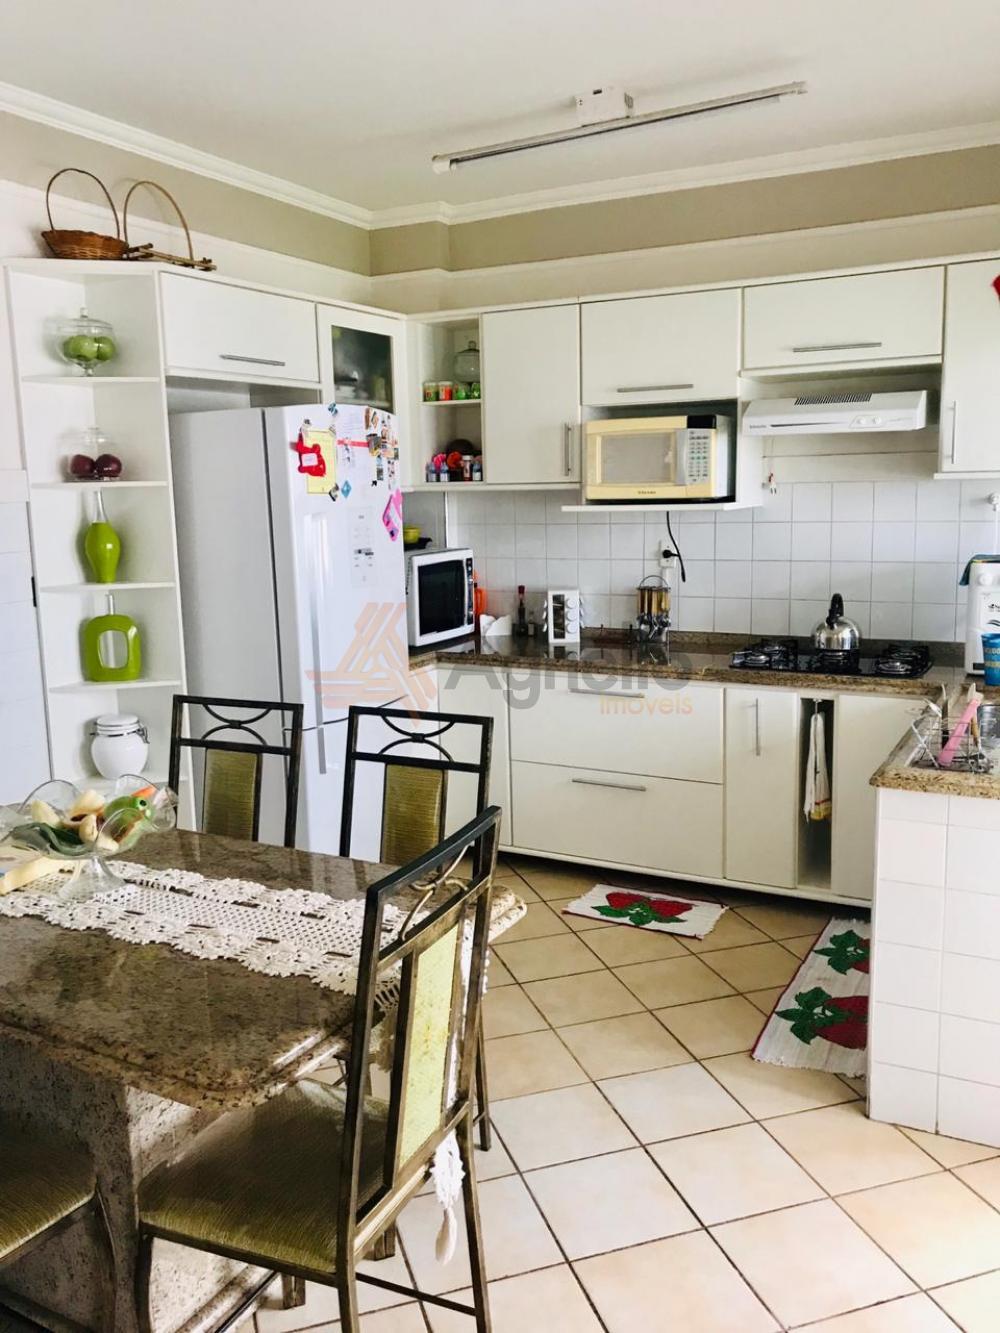 Comprar Apartamento / Padrão em Franca apenas R$ 210.000,00 - Foto 15